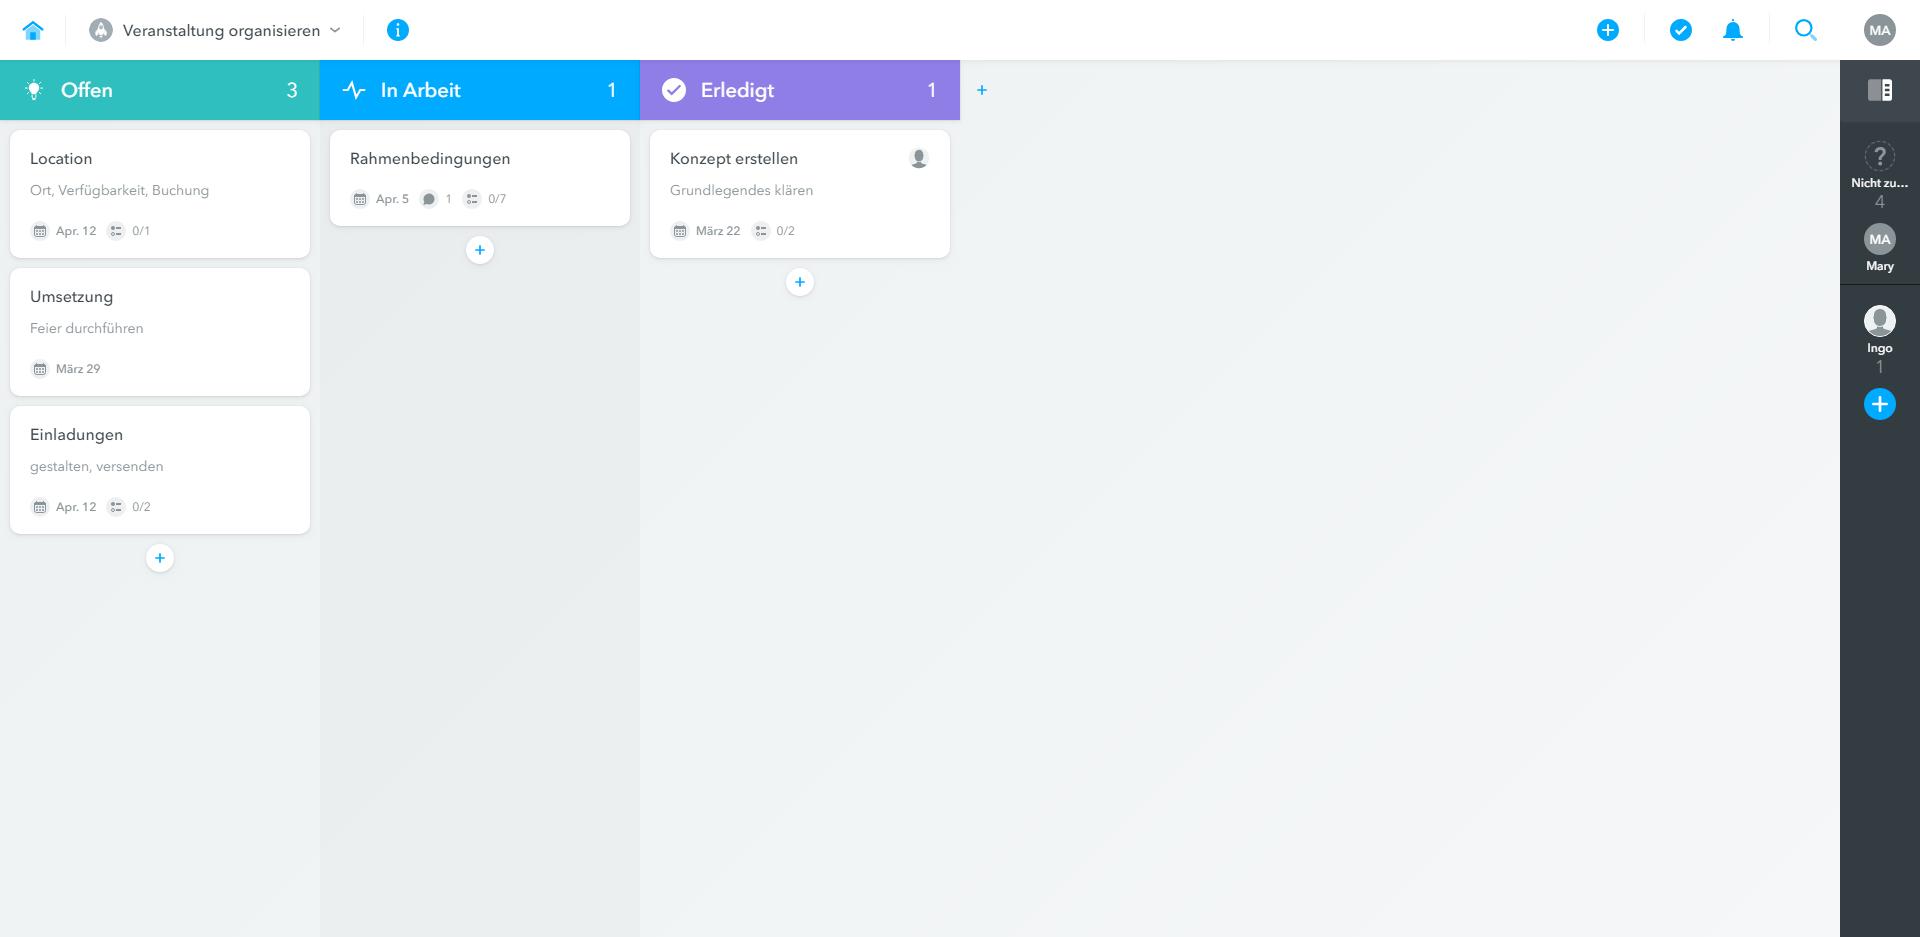 Kanban-Board des Projektmanagement-Tools Meistertask